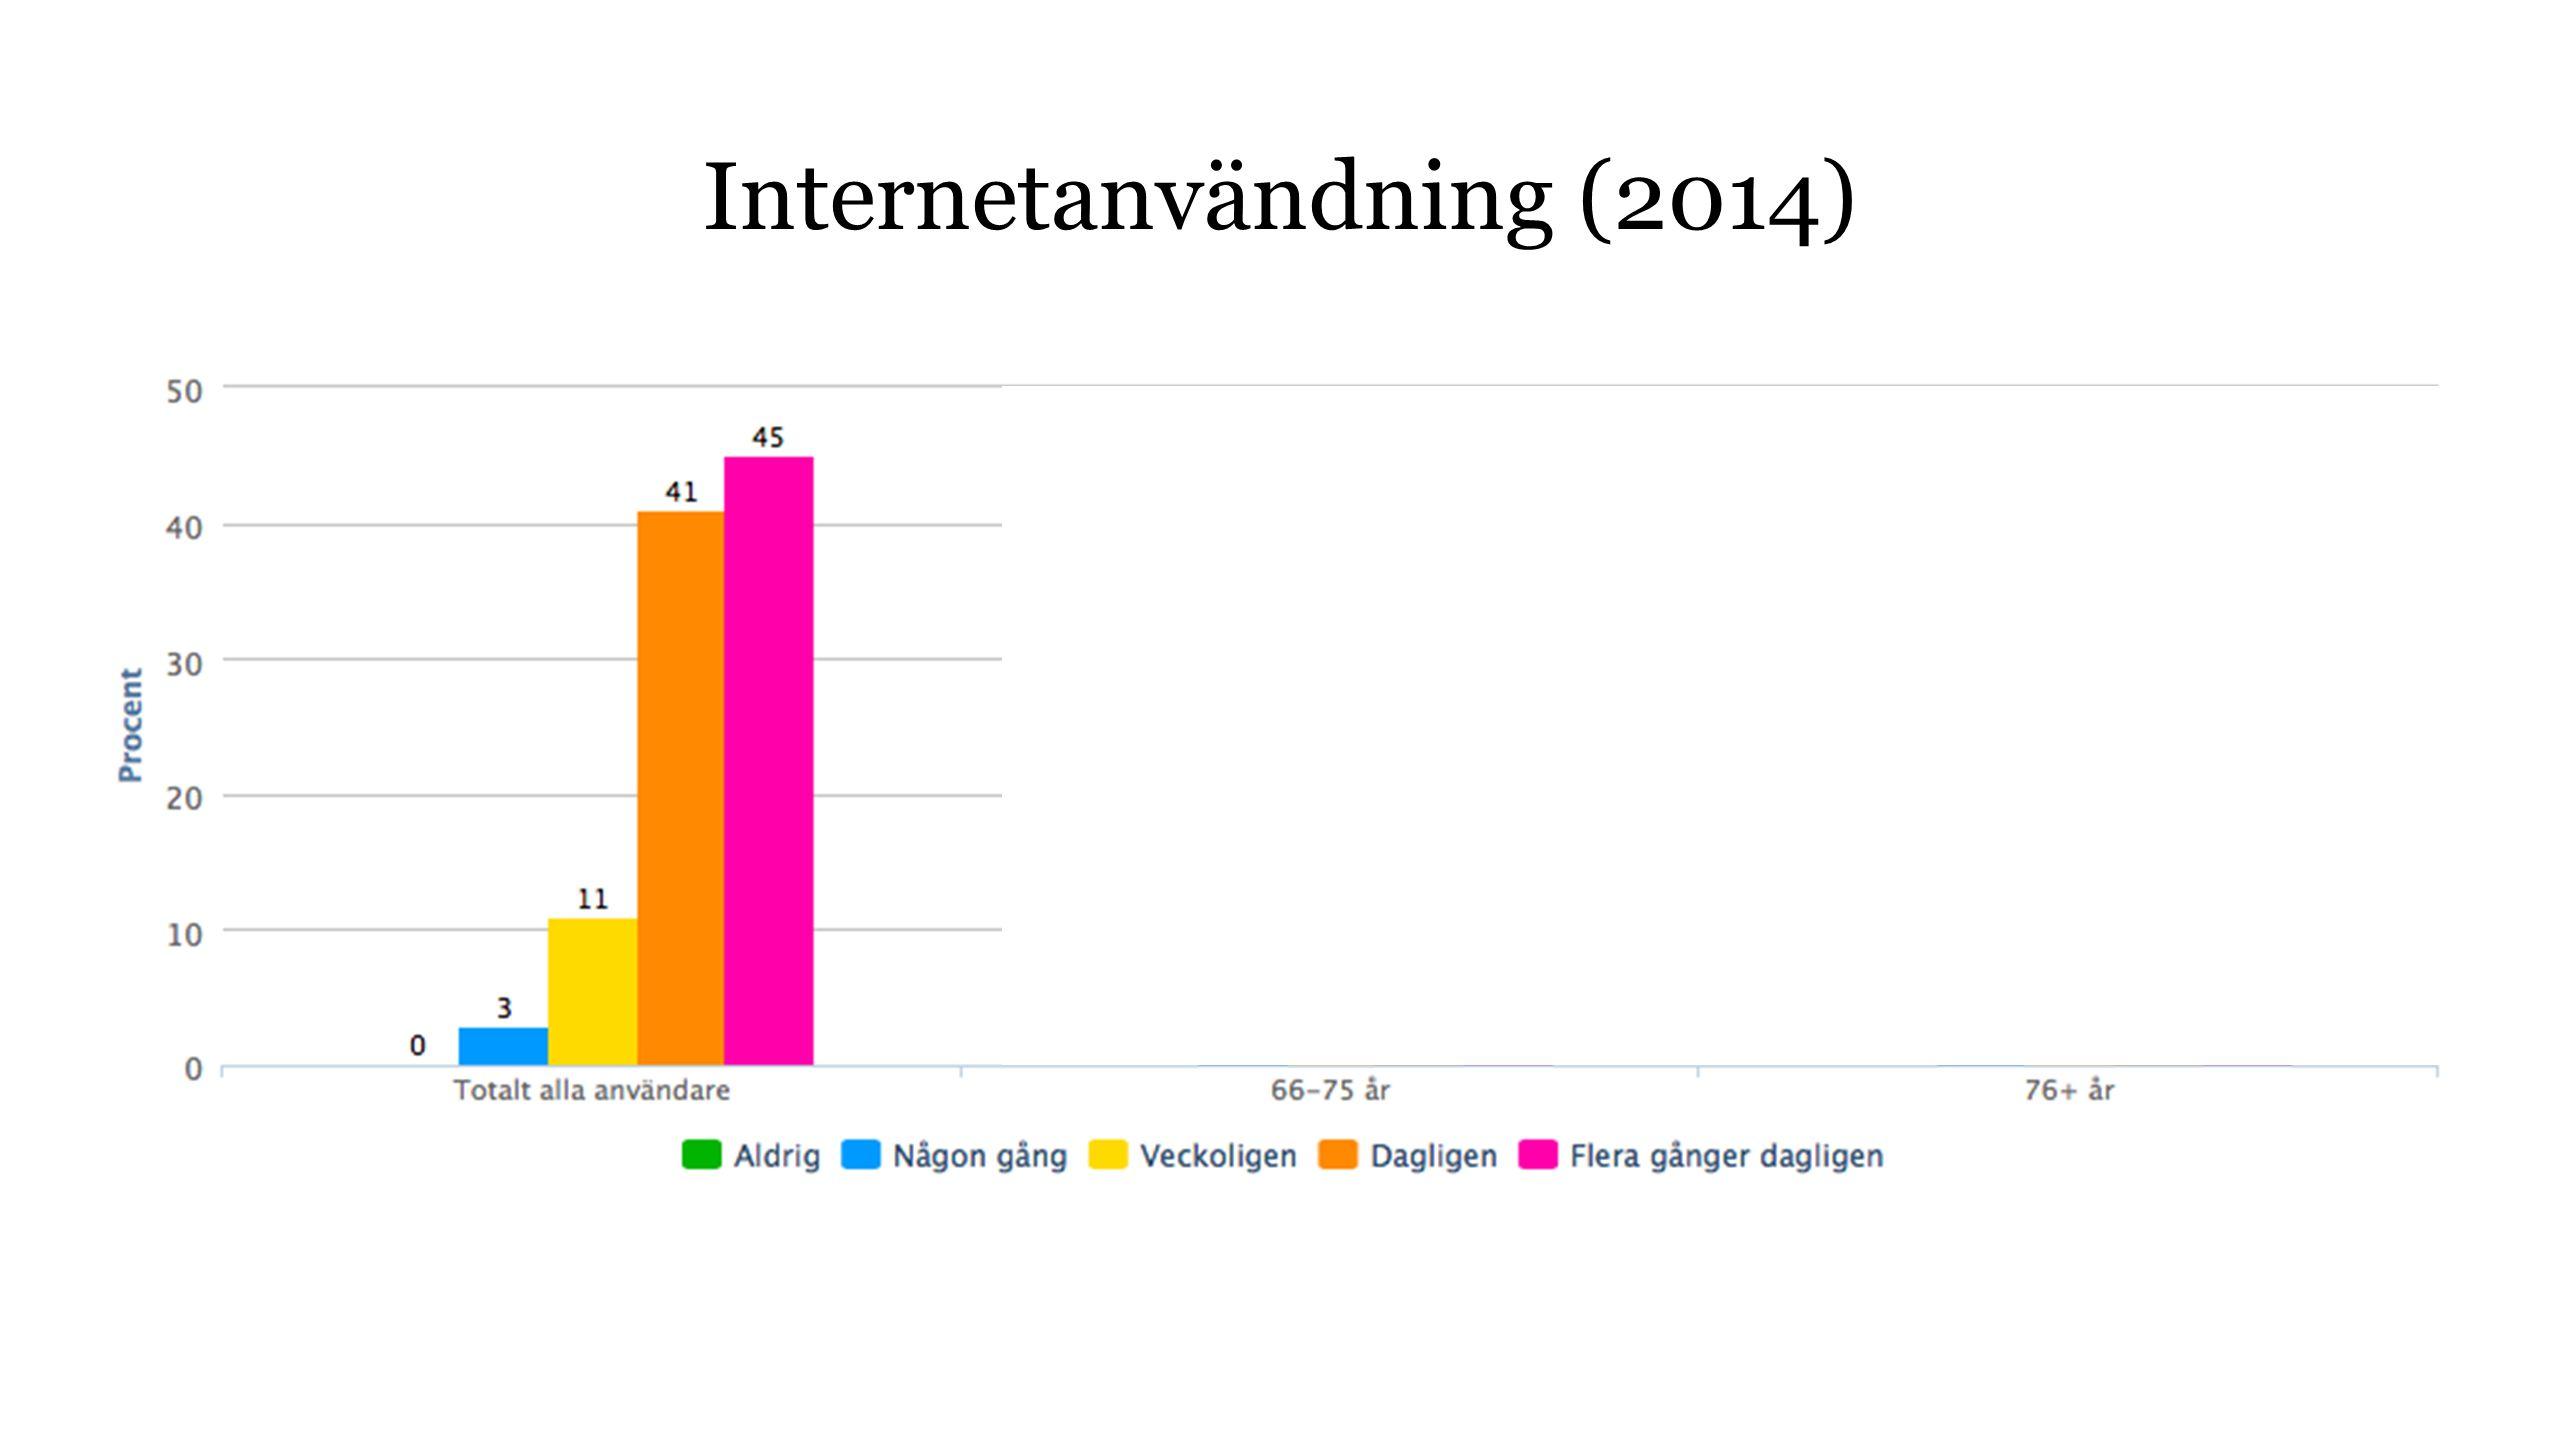 Internetanvändning (2014)